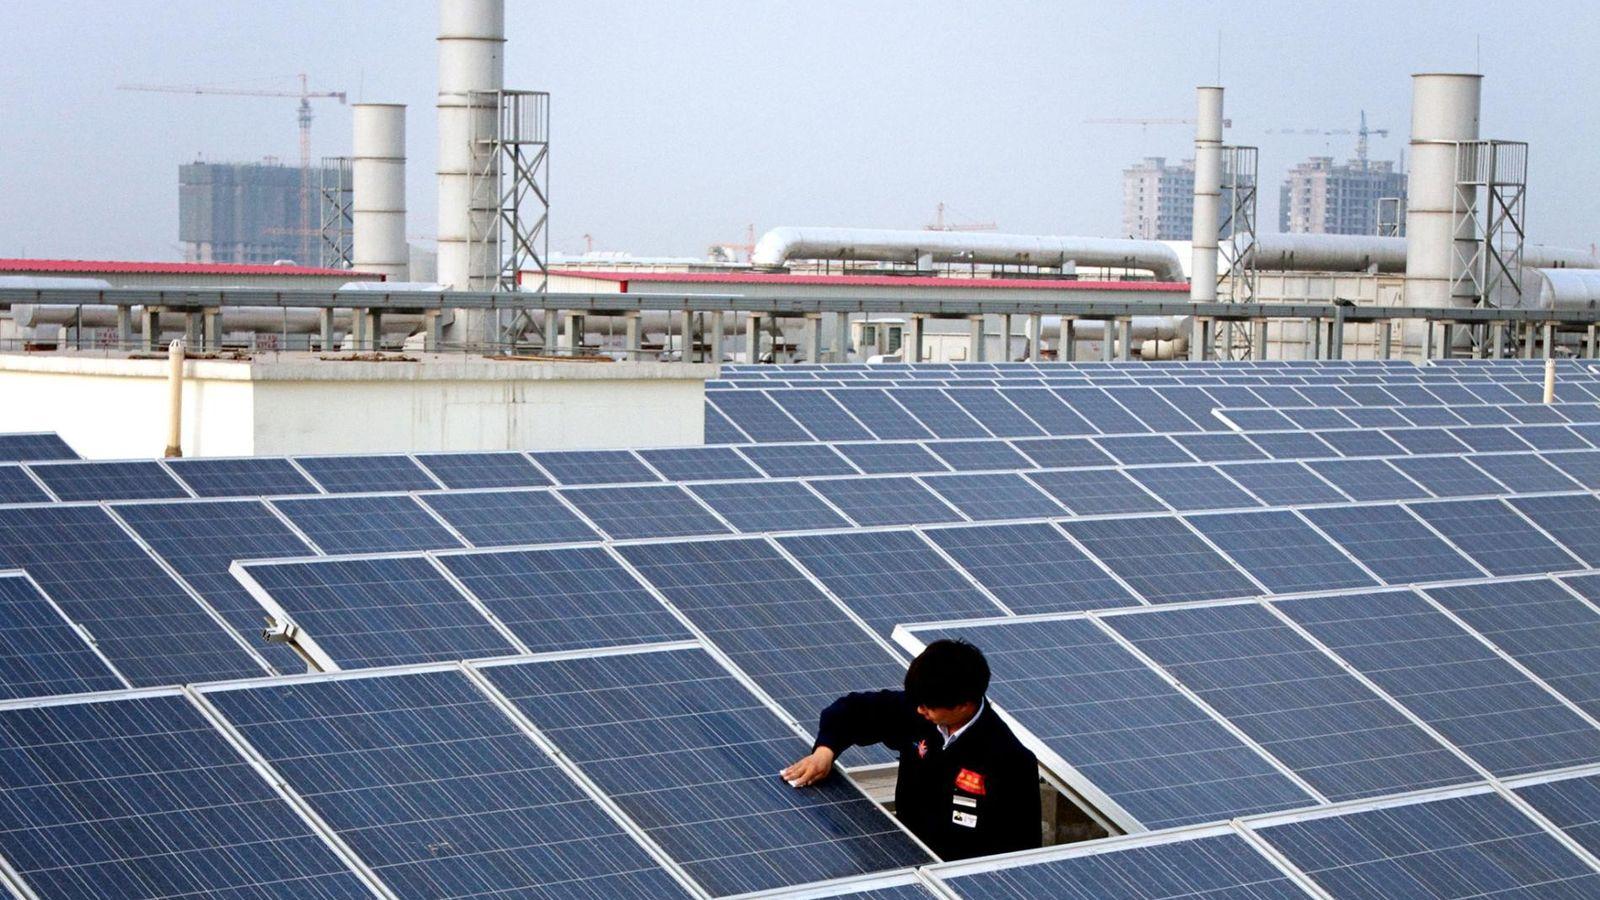 Un ouvrier nettoie un panneau solaire sur le toit d'une usine dans la ville de Baoding. ...